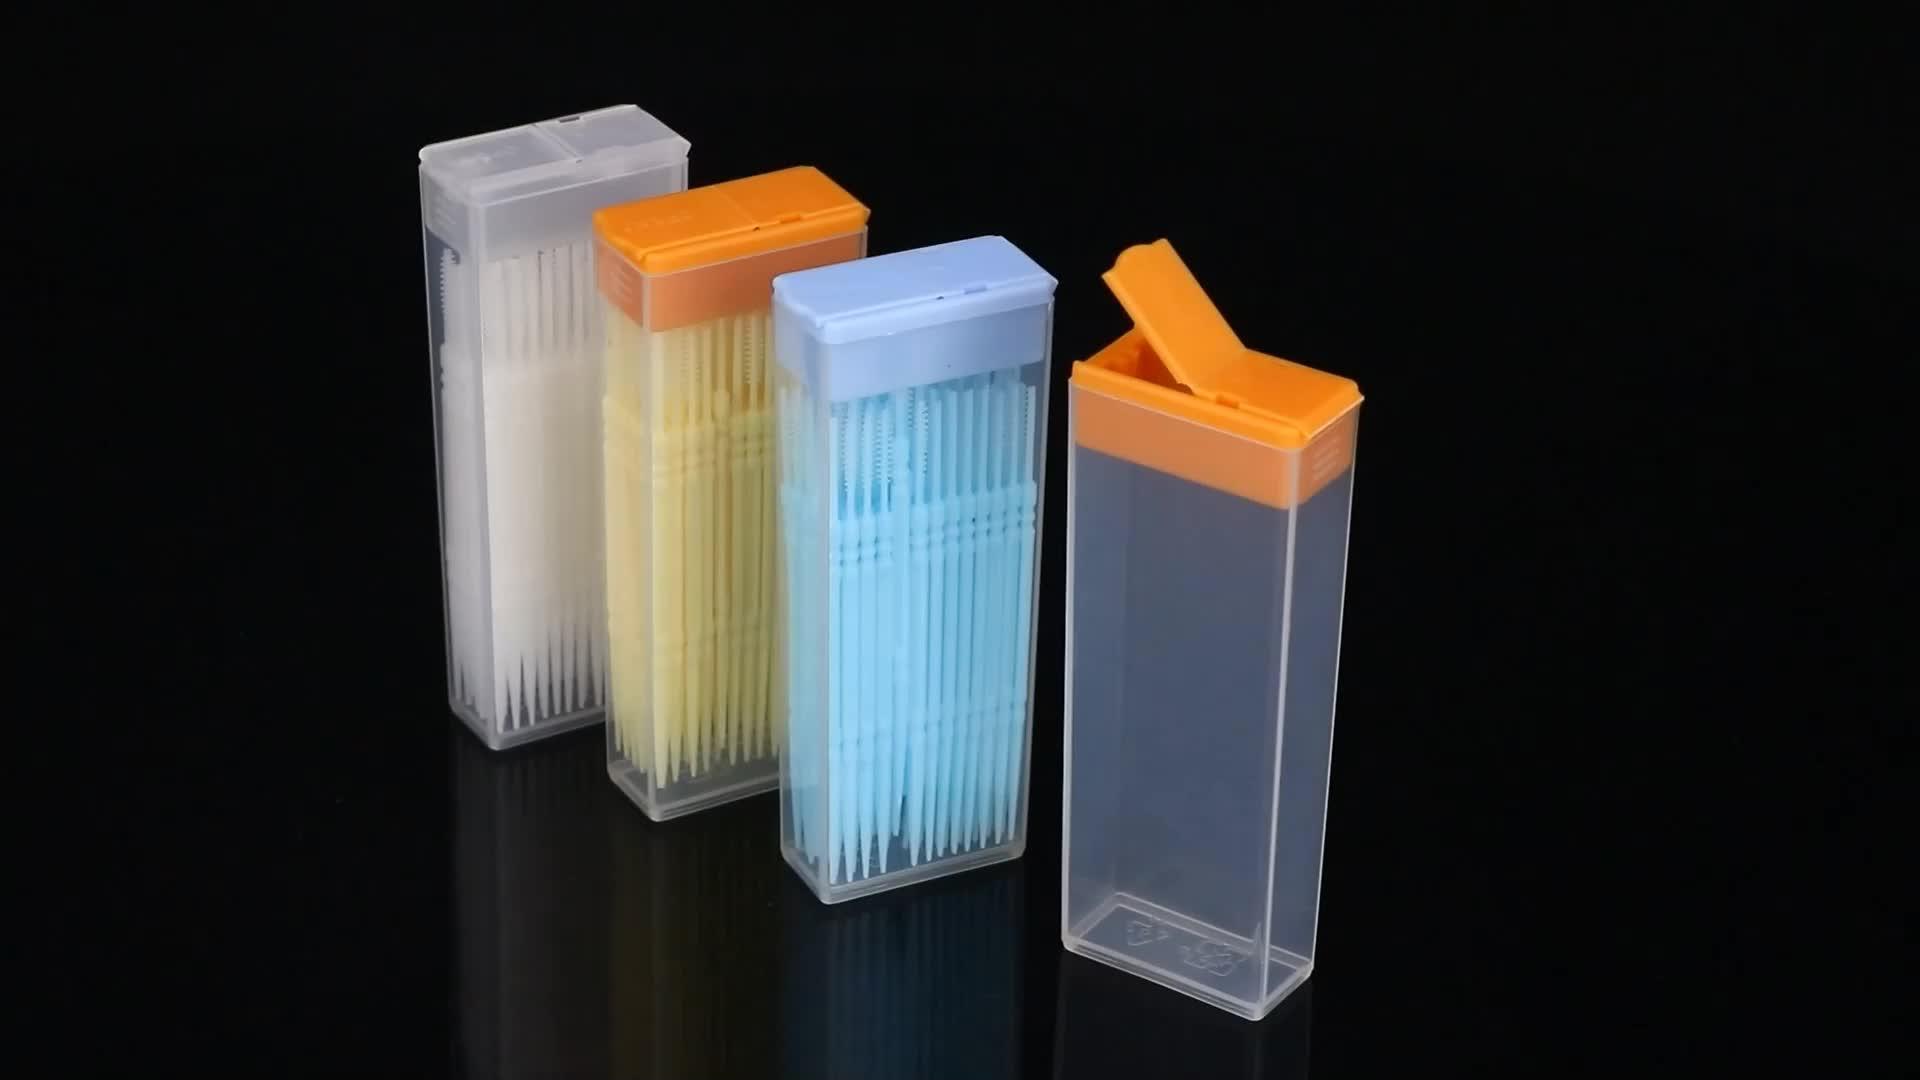 Sunshing Jelas Tusuk Gigi Kotak Kemasan Plastik Grosir Tusuk Gigi Kasus Benang Gigi Mengunyah Permen Karet Kotak